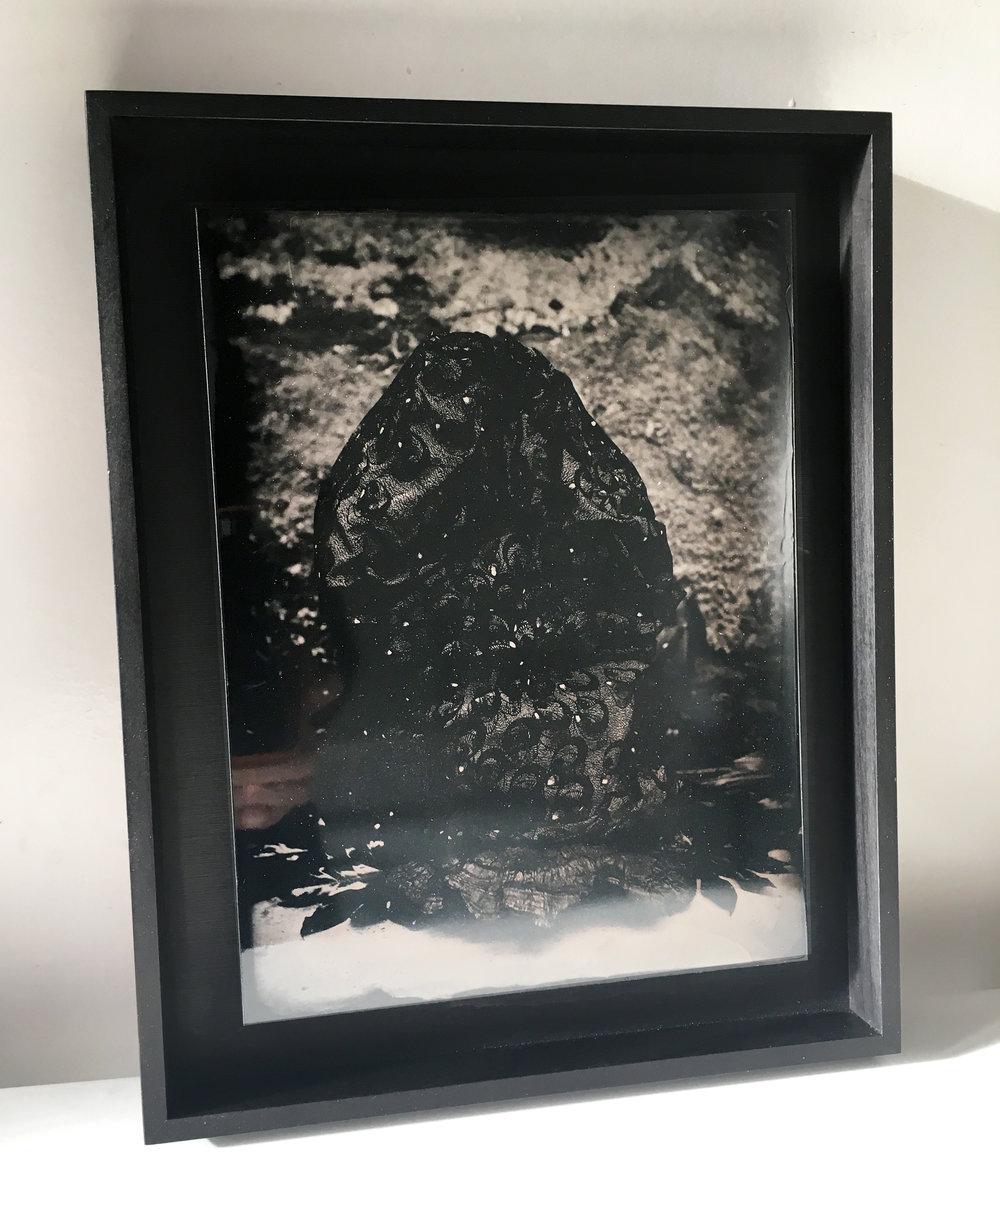 Sagrario1-framed.jpg